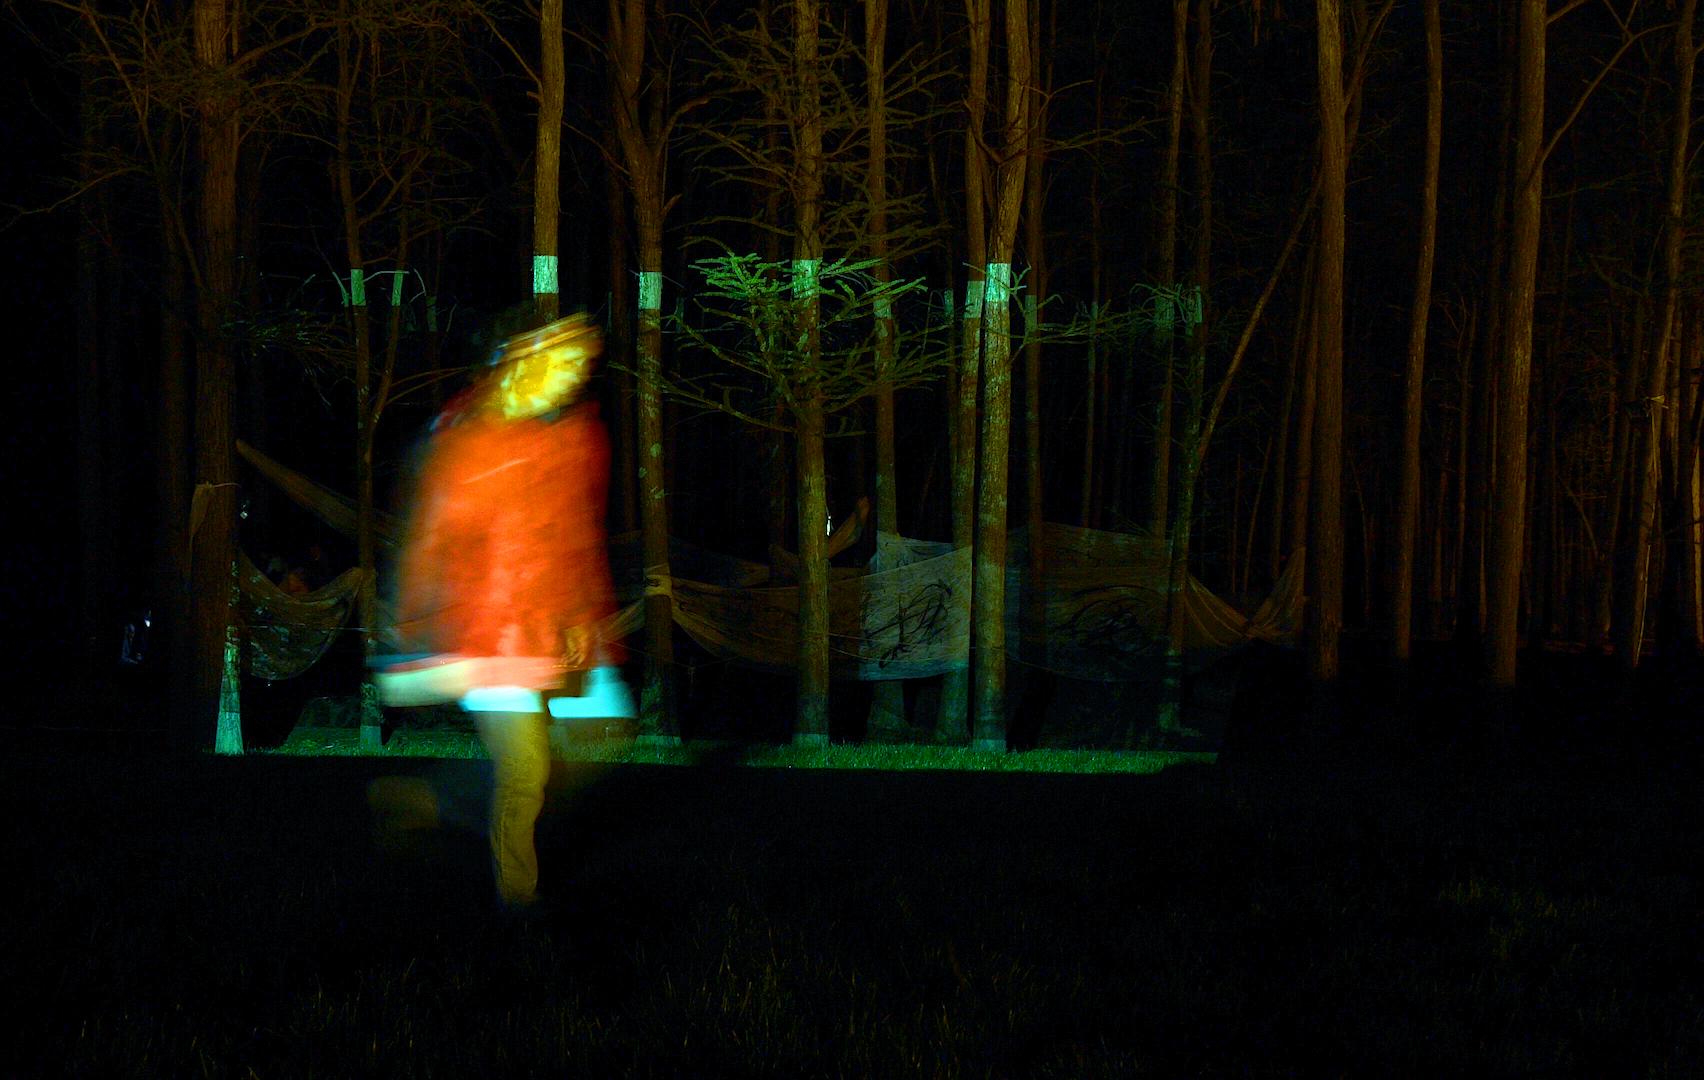 绘画投影装置 - 将沈爱其的水墨画投影到杉树林中